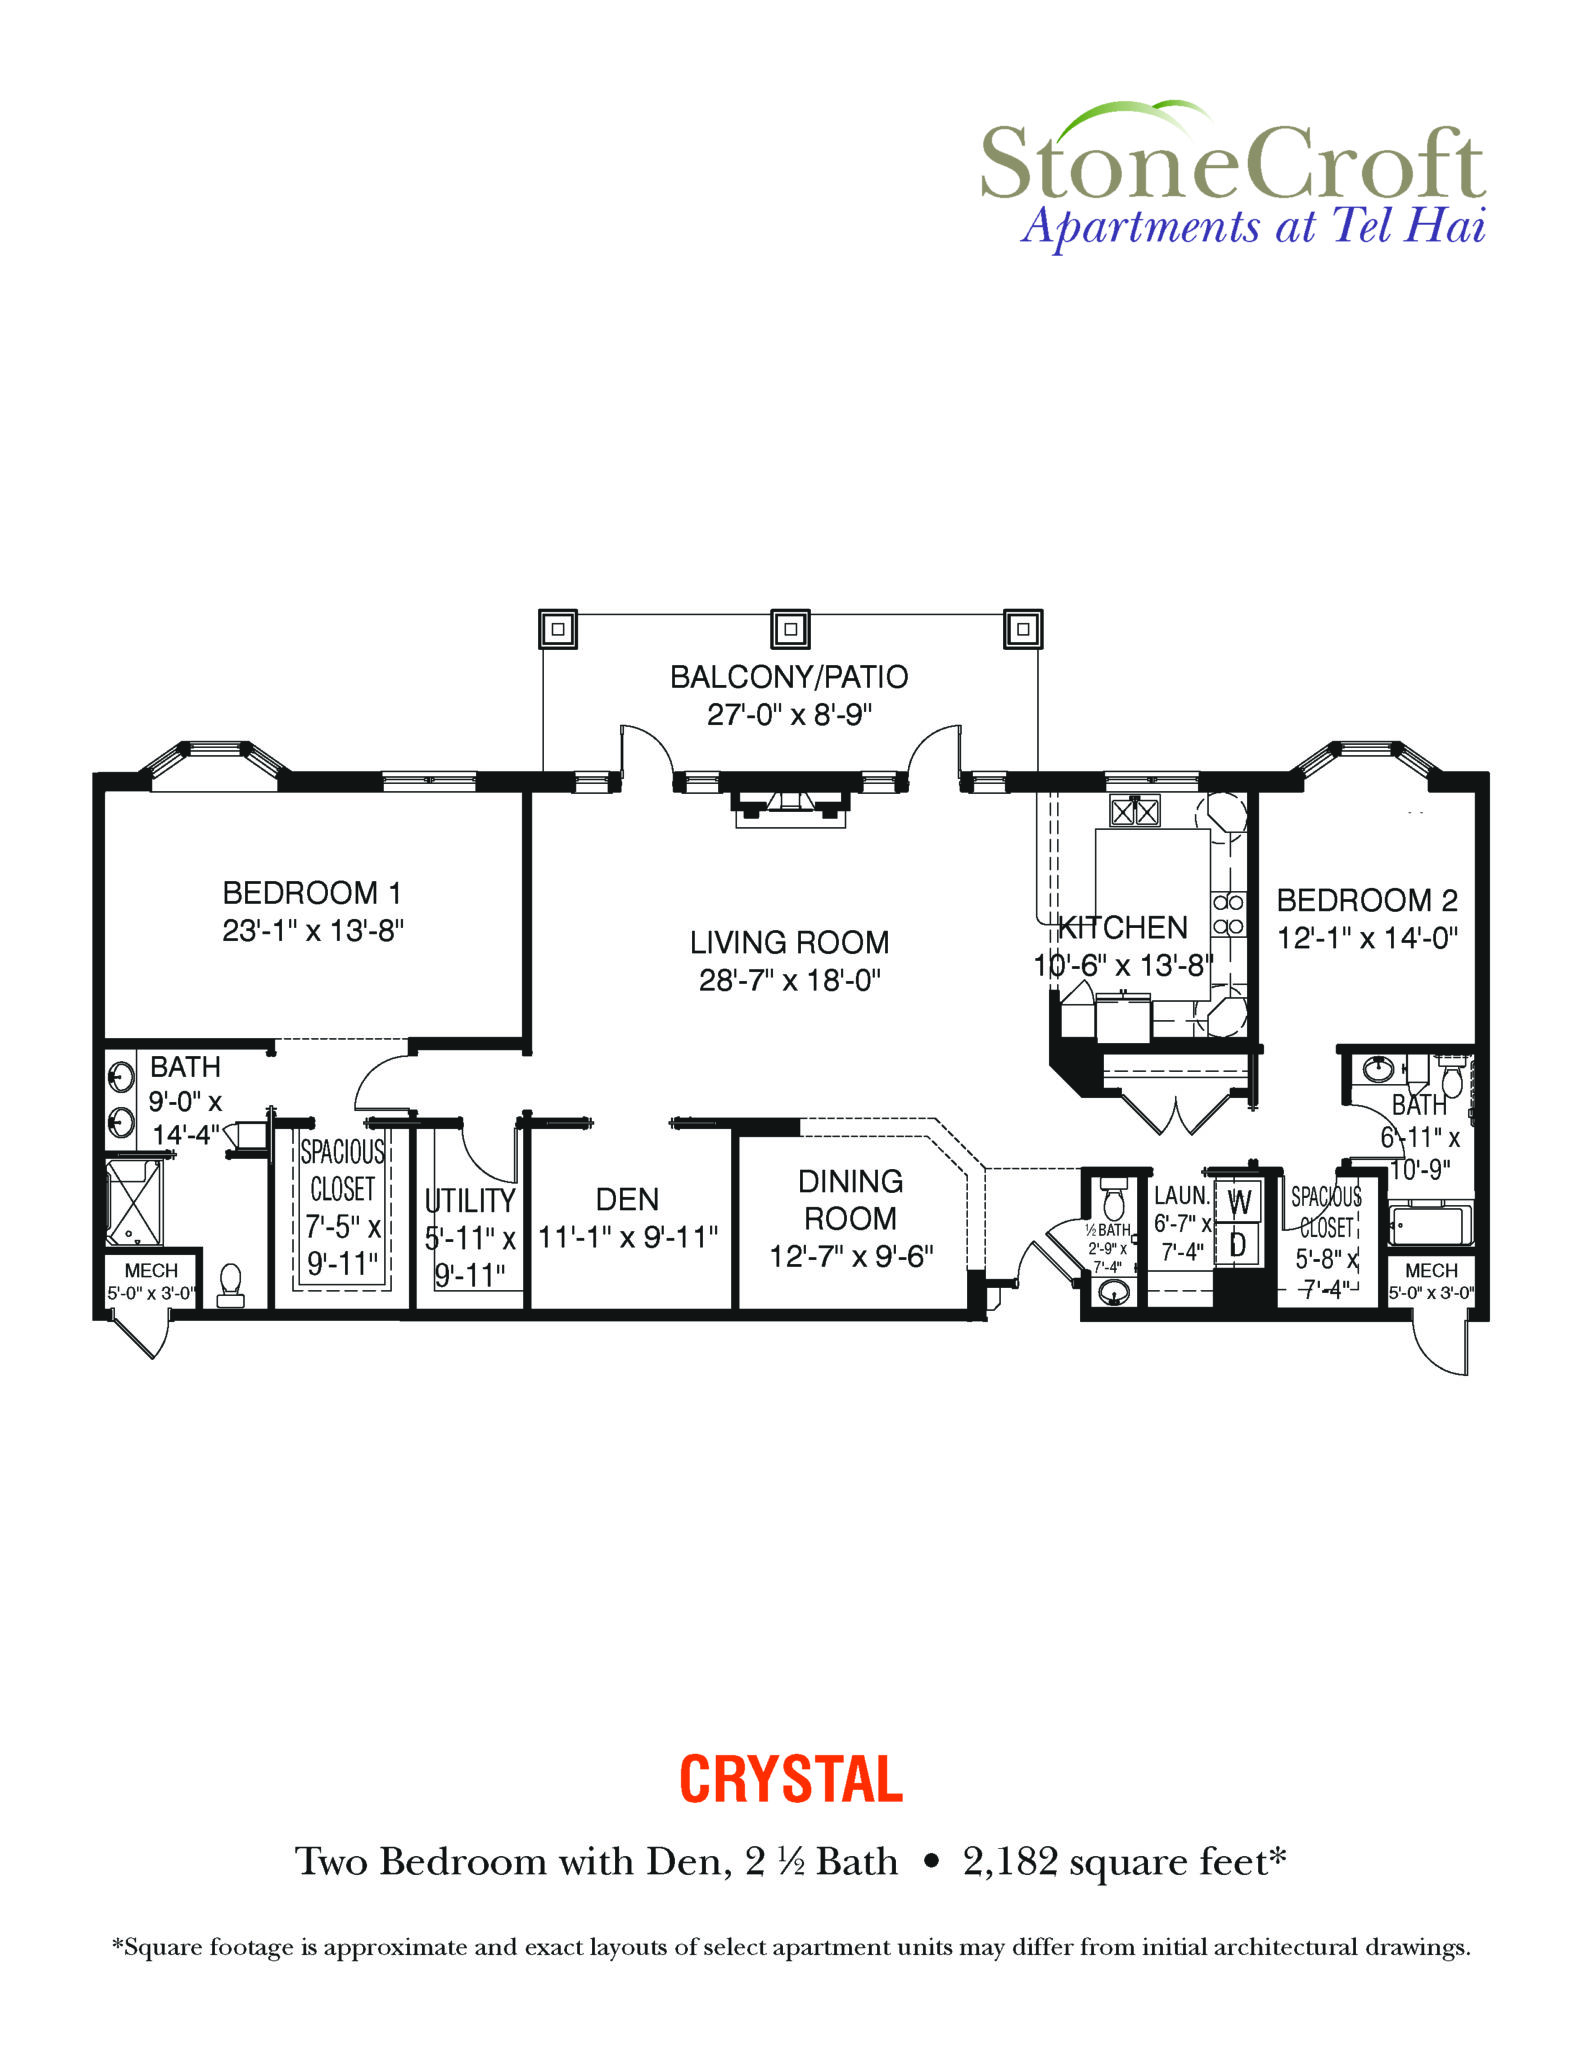 Diamond Apartments at Tel Hai